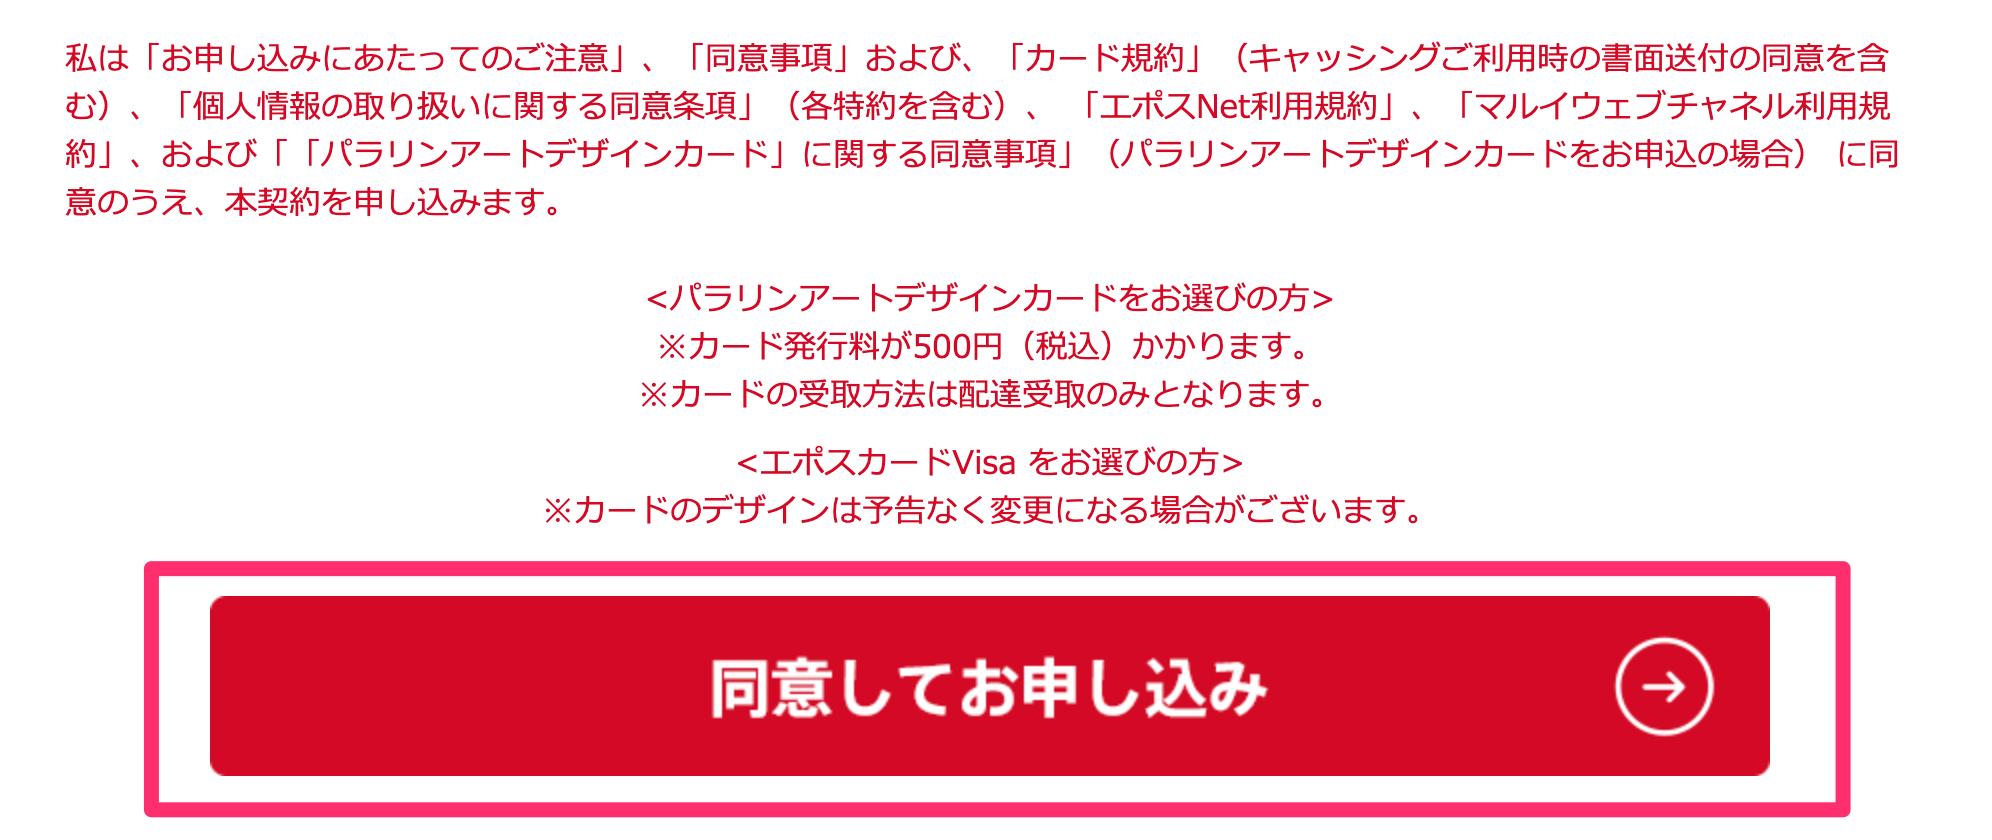 エポスカード申込み手順02